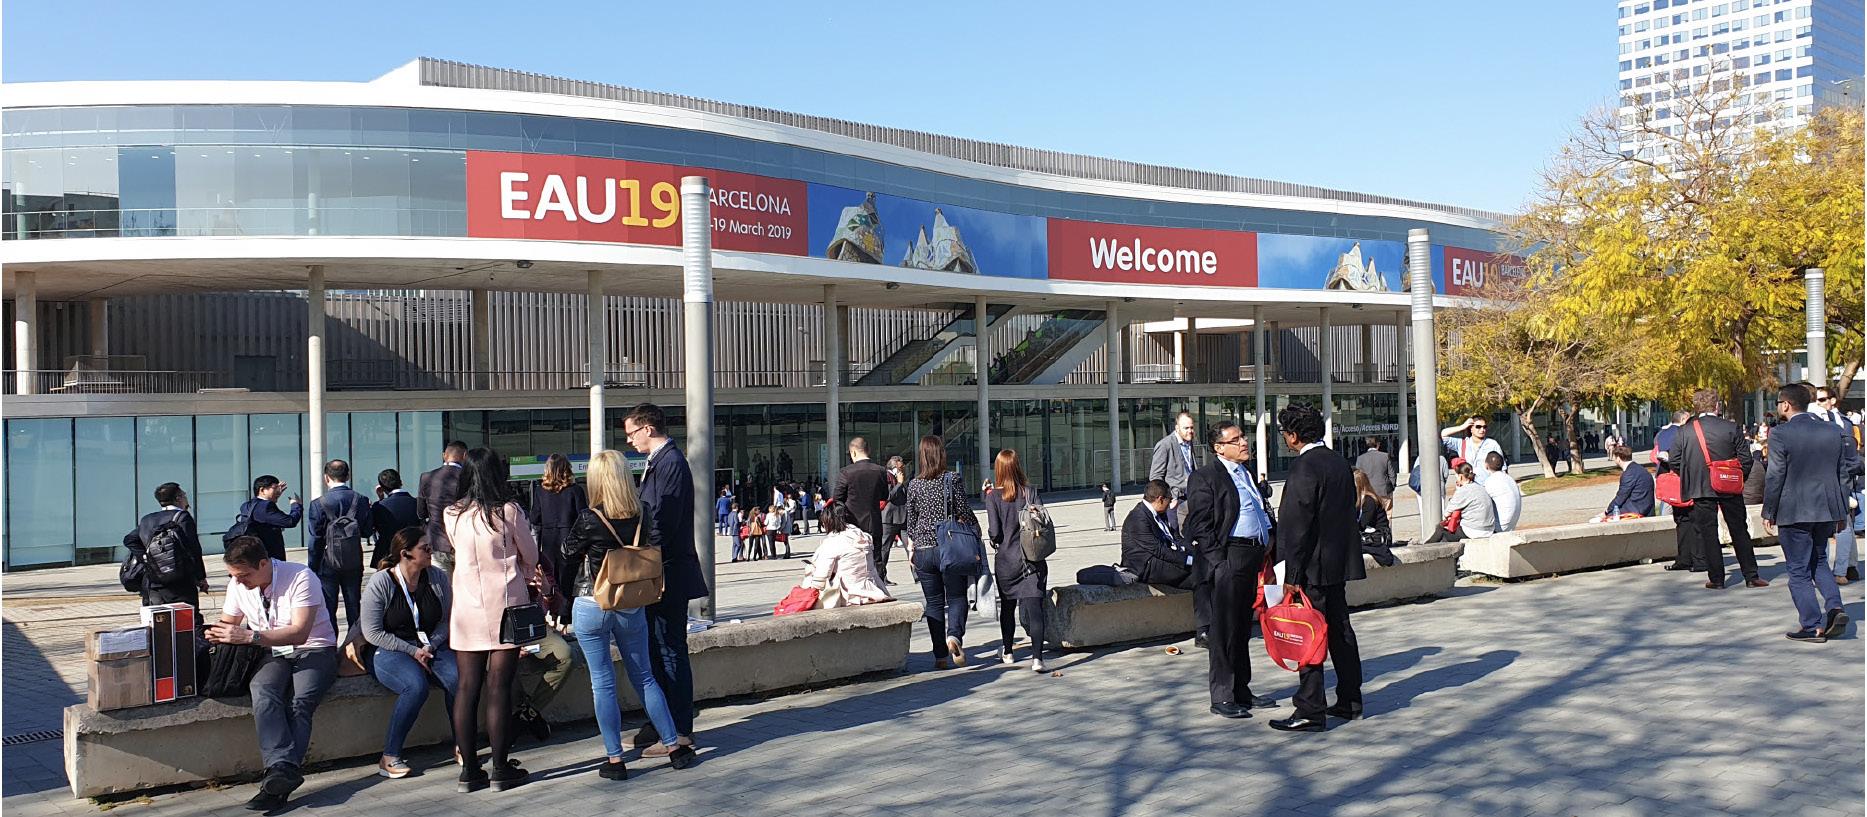 34. výroční konference Evropské urologické společnosti se konala v příjemných prostorách Fira Gran Via v Barceloně<br> Fig. 1. The 34<sup>th</sup> Annual EAU Congress takes place at Fira Gran Via in Barcelona